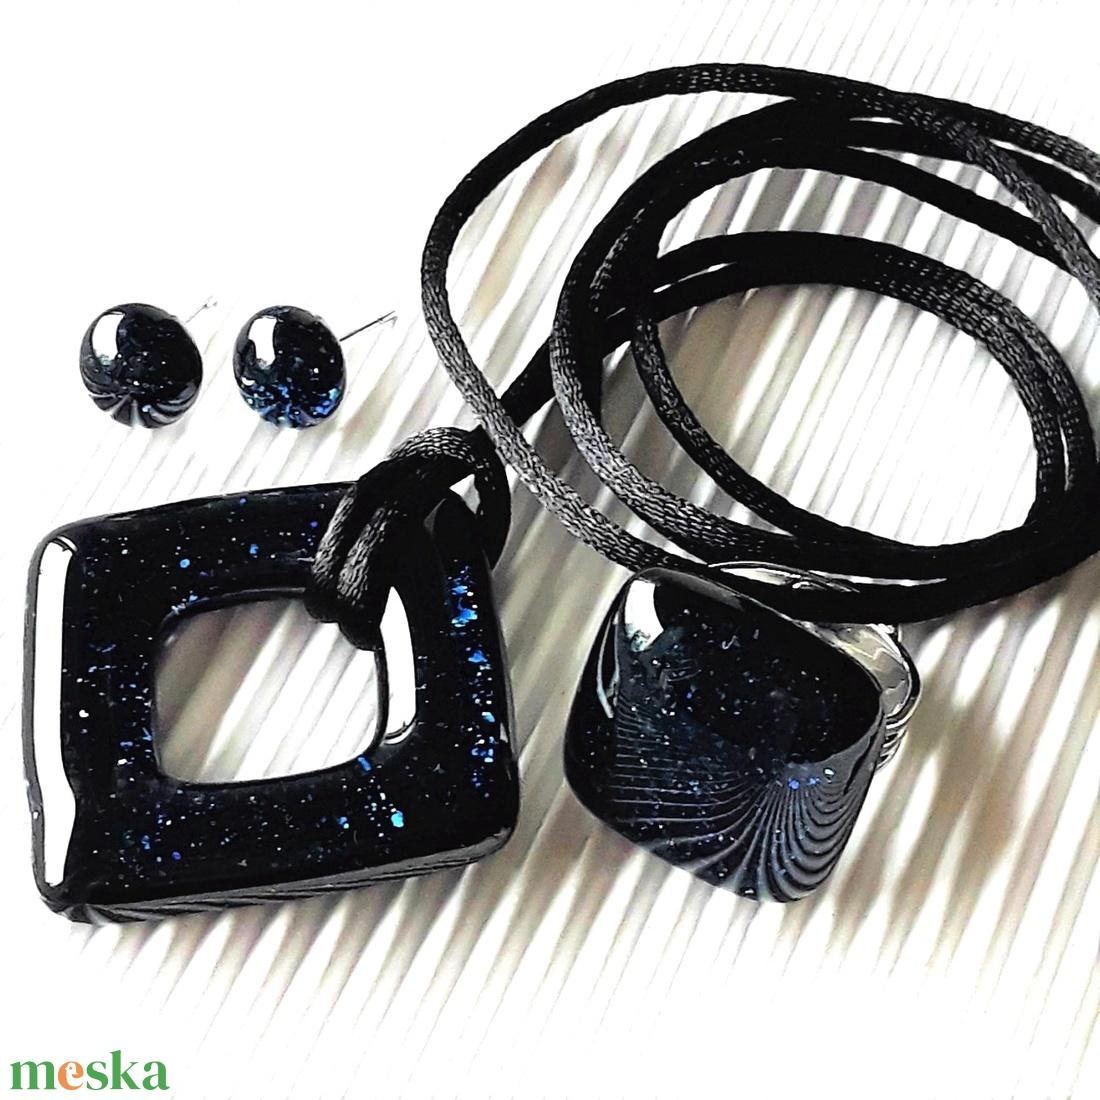 Csillagfényes éjszaka sötétkék maxi FÉMMENTES üveg medál, gyűrű és fülbevaló, NEMESACÉL/ORVOSI FÉM, üvegékszer szett - ékszer - ékszerszett - Meska.hu